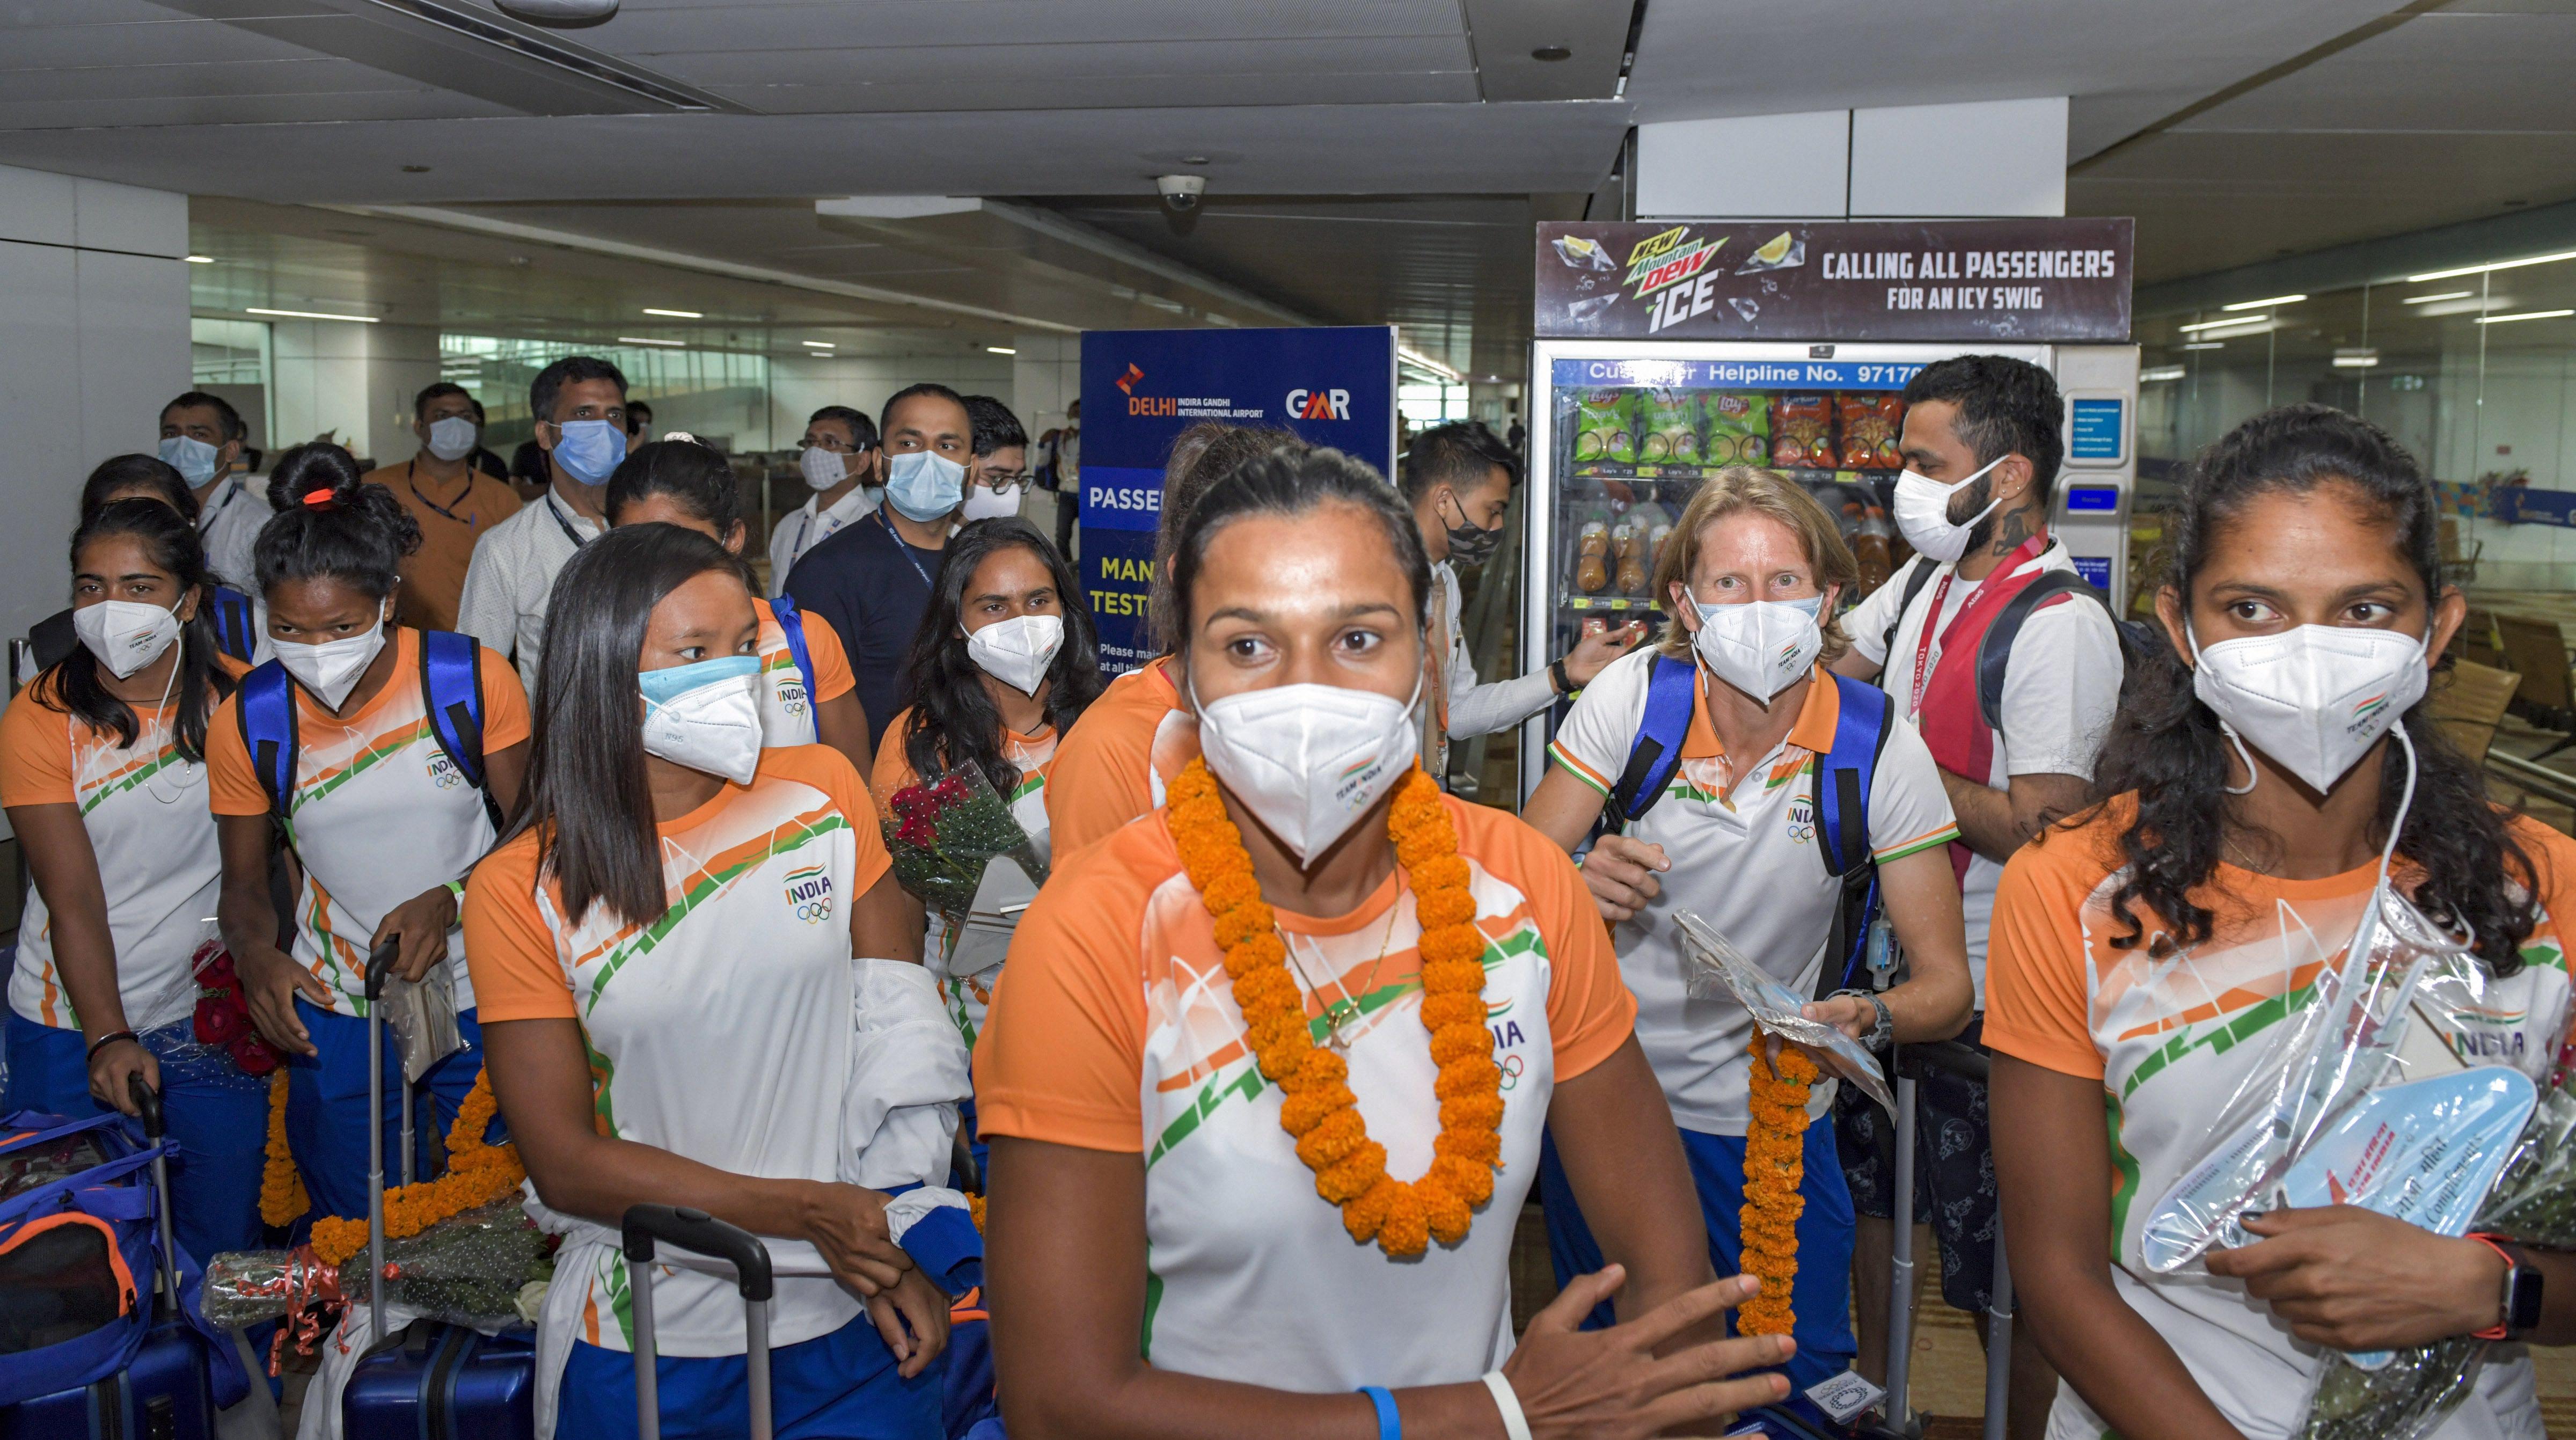 દિલ્હી એરપોર્ટ પર મહિલા હોકી ટીમનું પણ ભવ્ય સ્વાગત કરાયું. મહિલા ટીમ મેડલ ન જીતી શકી પરંતુ બધાના દિલ અવશ્ય જીત્યા